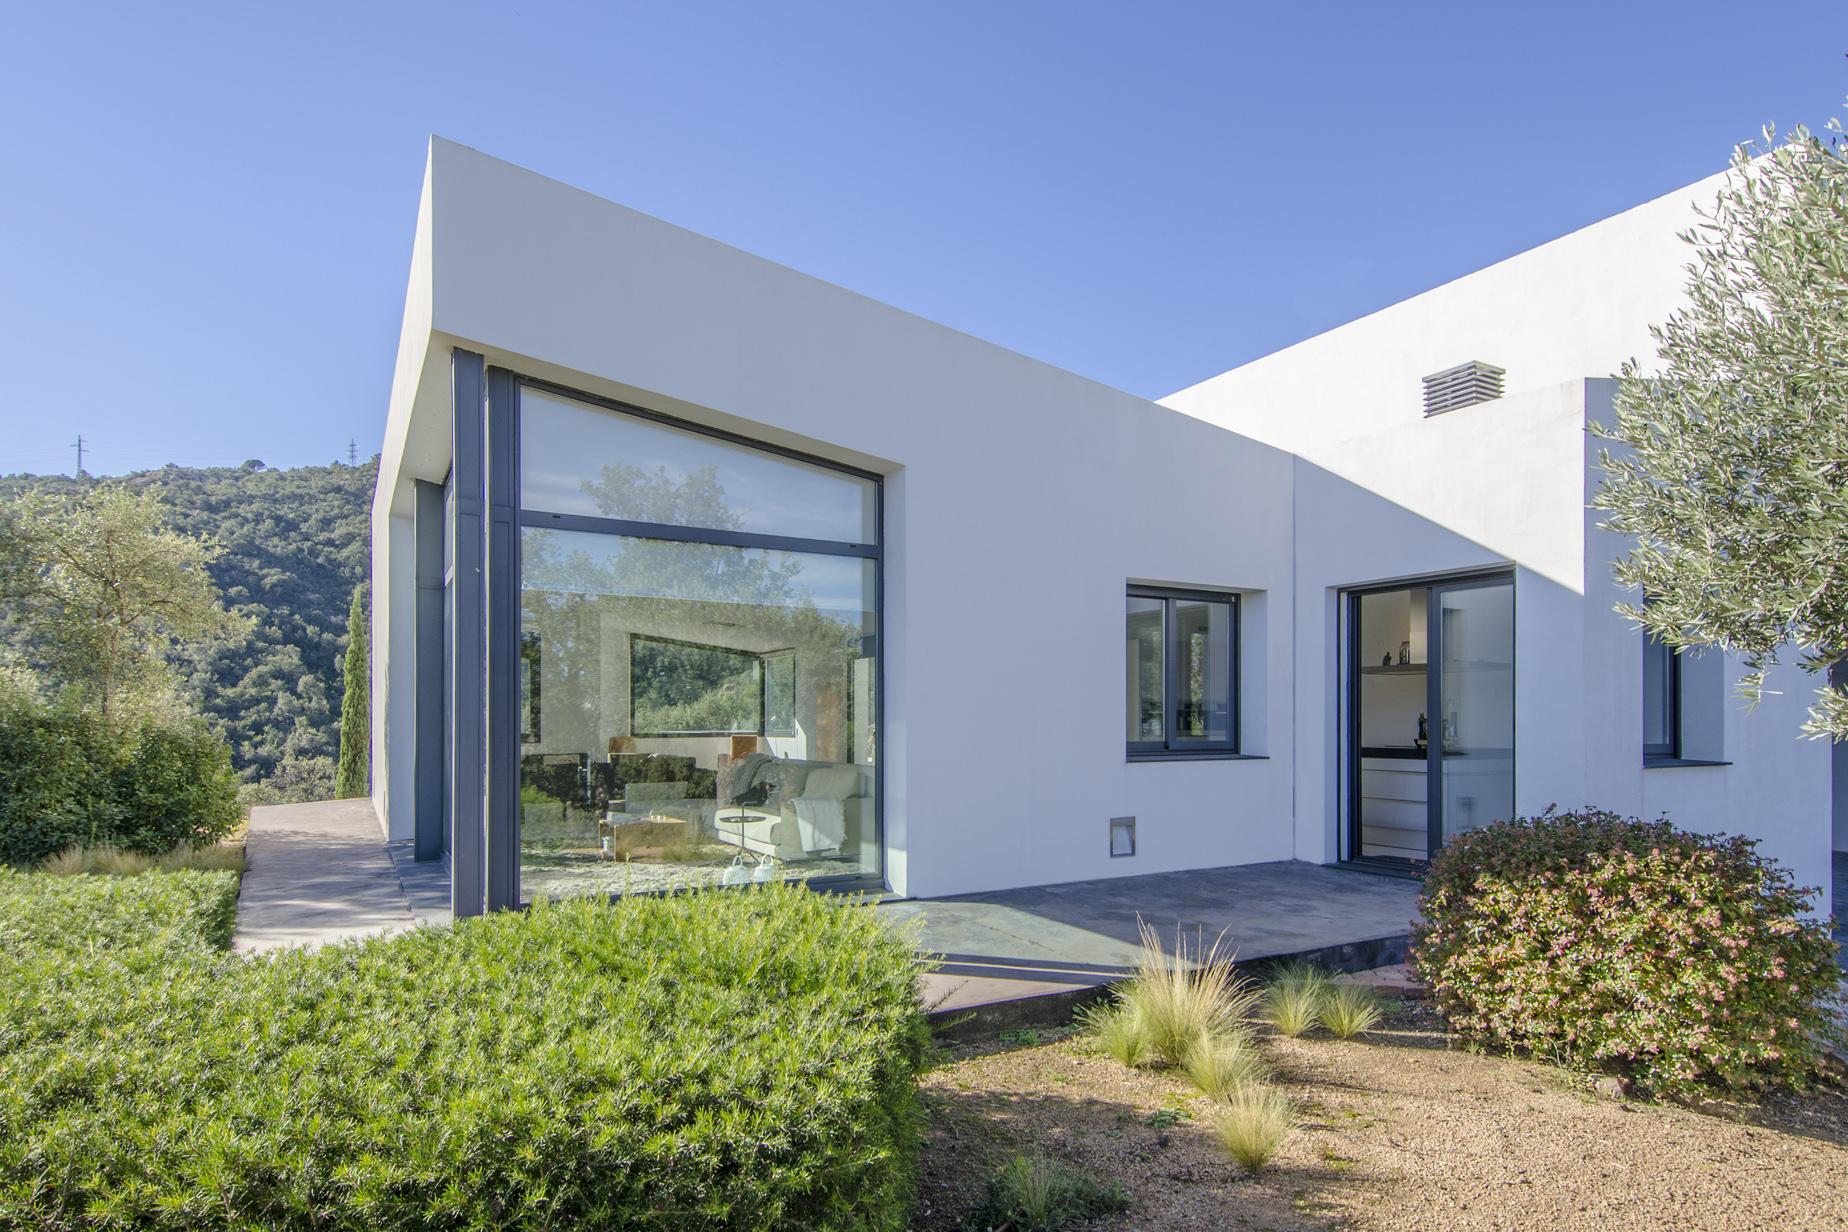 Single Family Home for Sale at Bright modern designer villa in peaceful setting Santa Cristina D Aro, Costa Brava, 17246 Spain